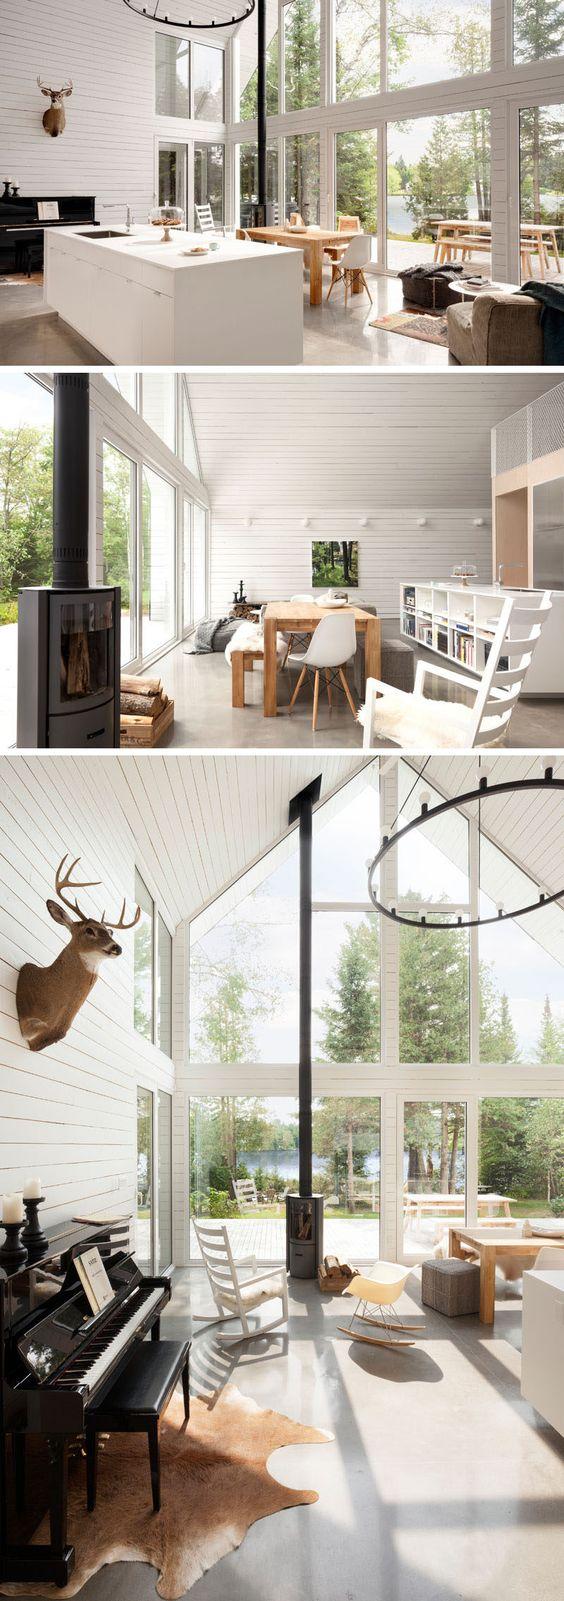 Wendling_Boyd_Interior_Design_Report_Alpine_Modern7.jpg